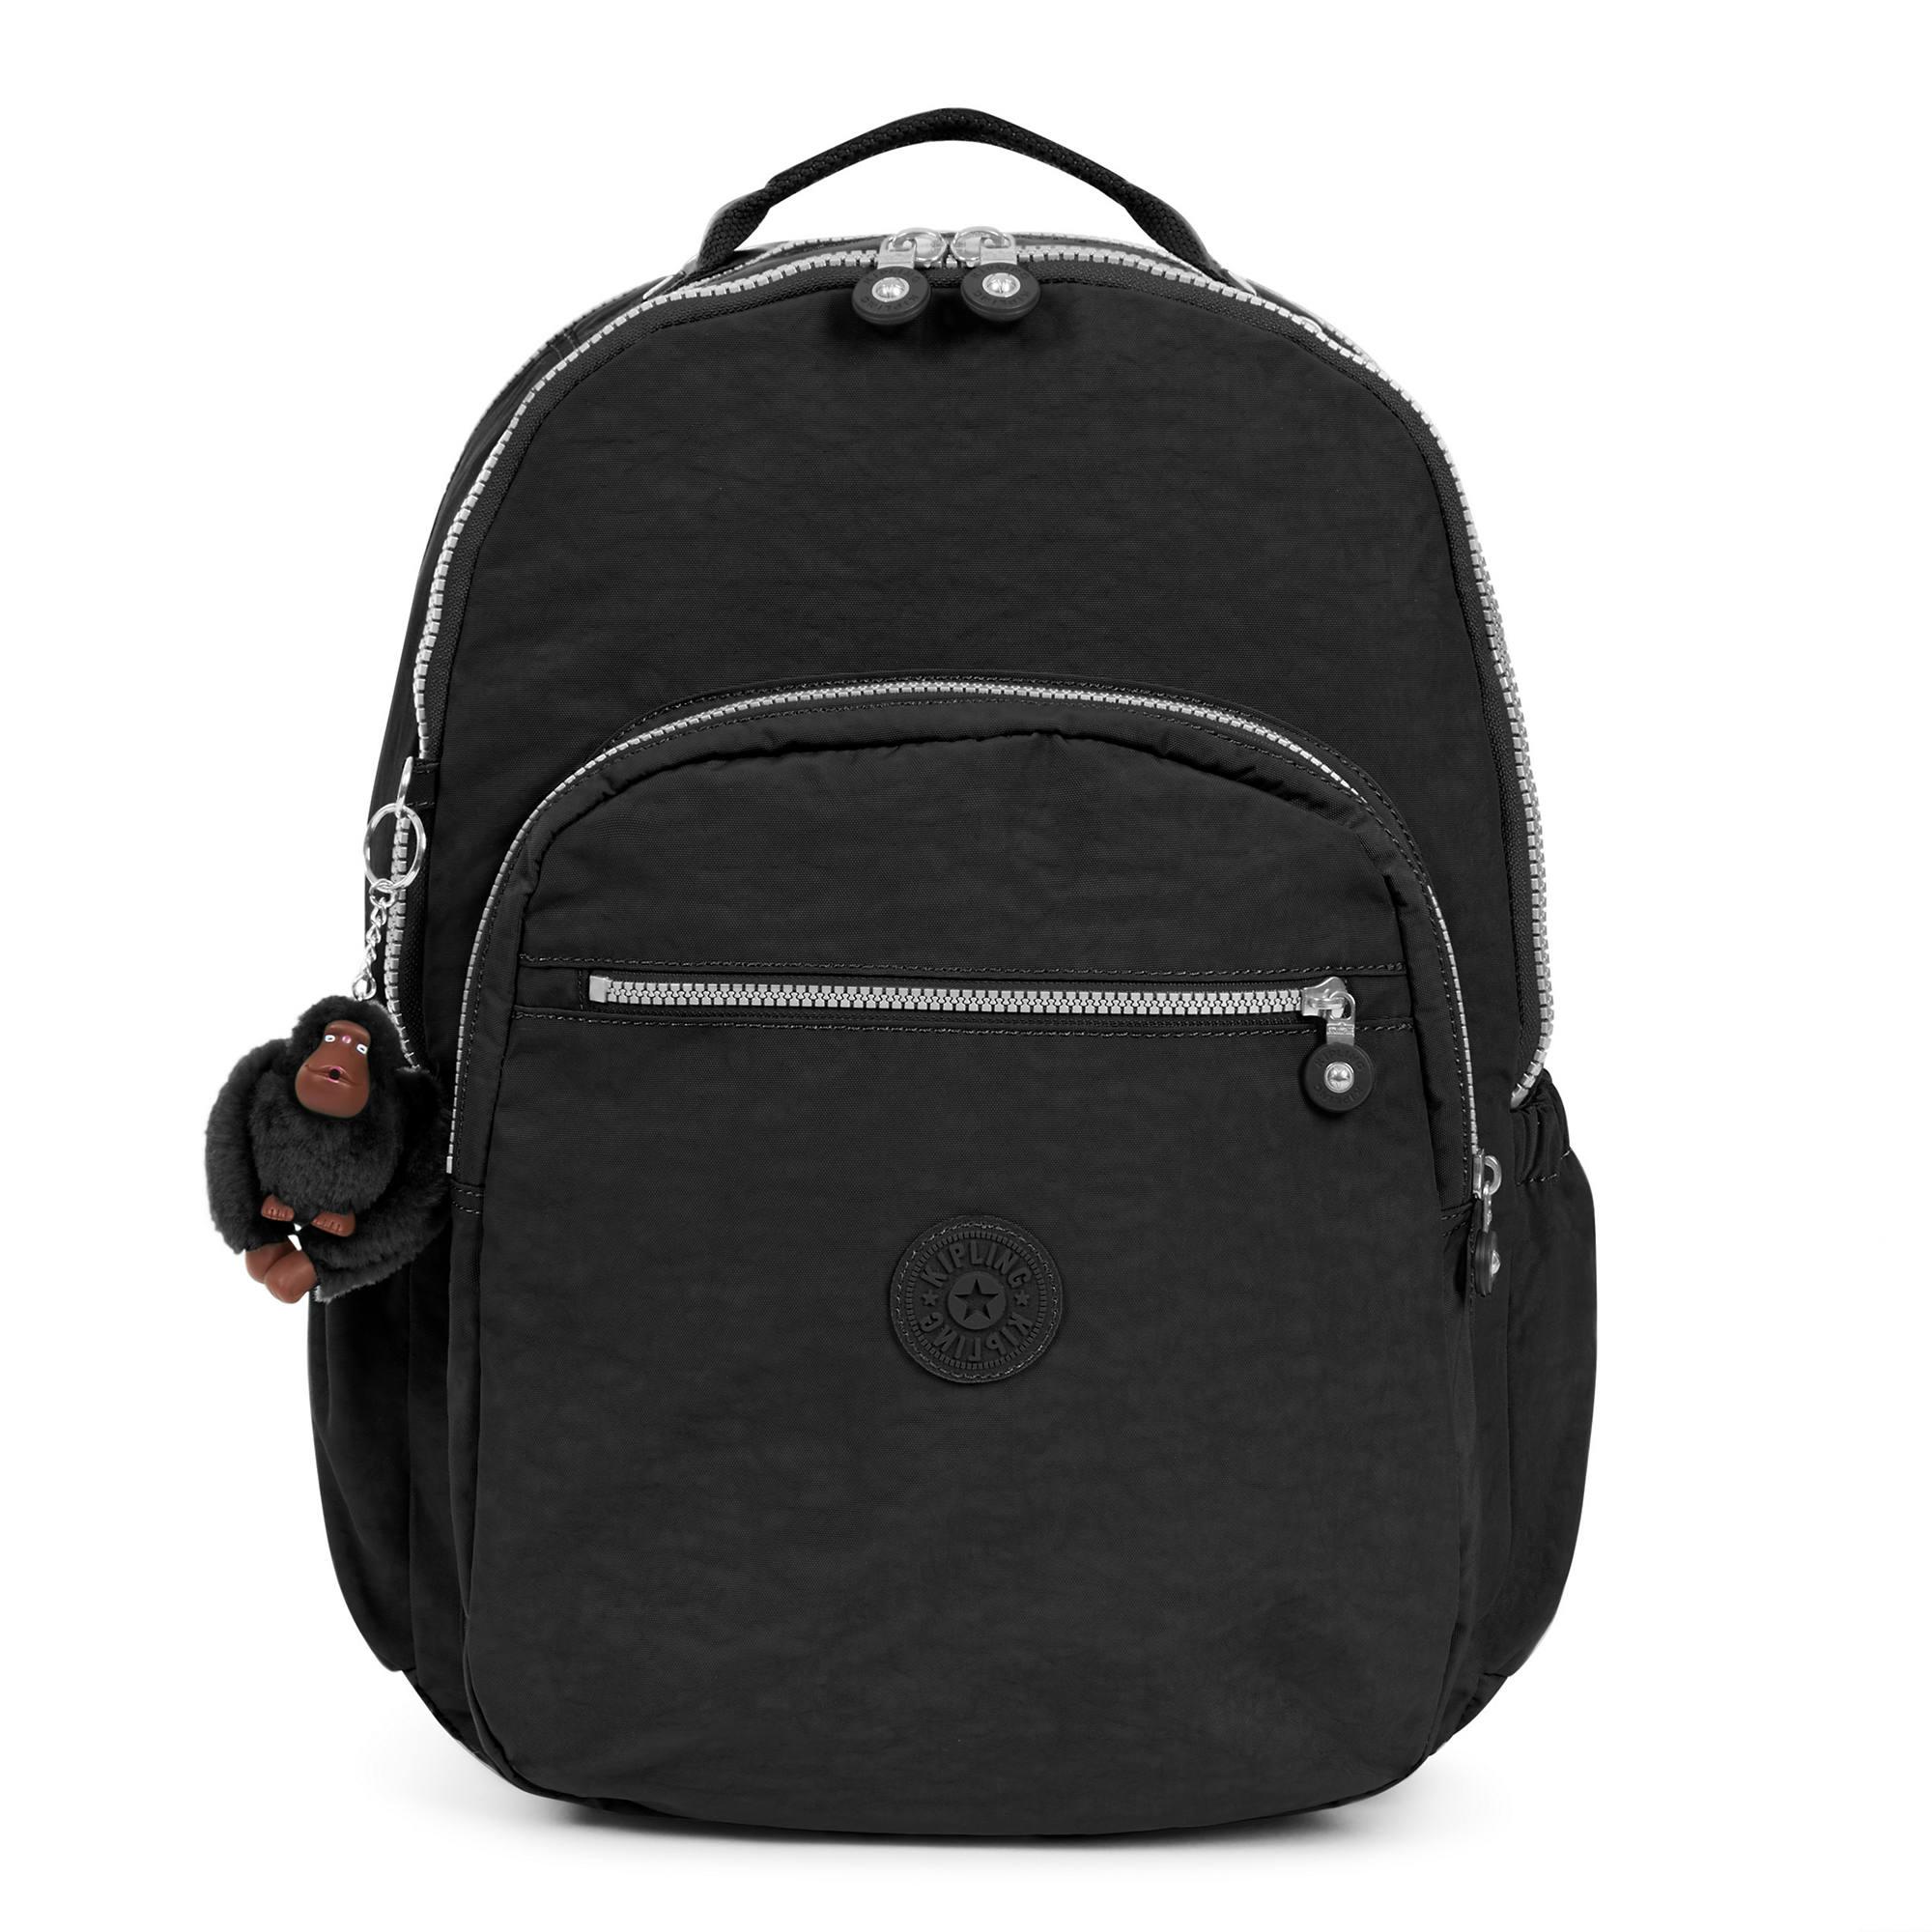 3bd92c194 Details about Kipling Seoul Go Extra Large Laptop Backpack